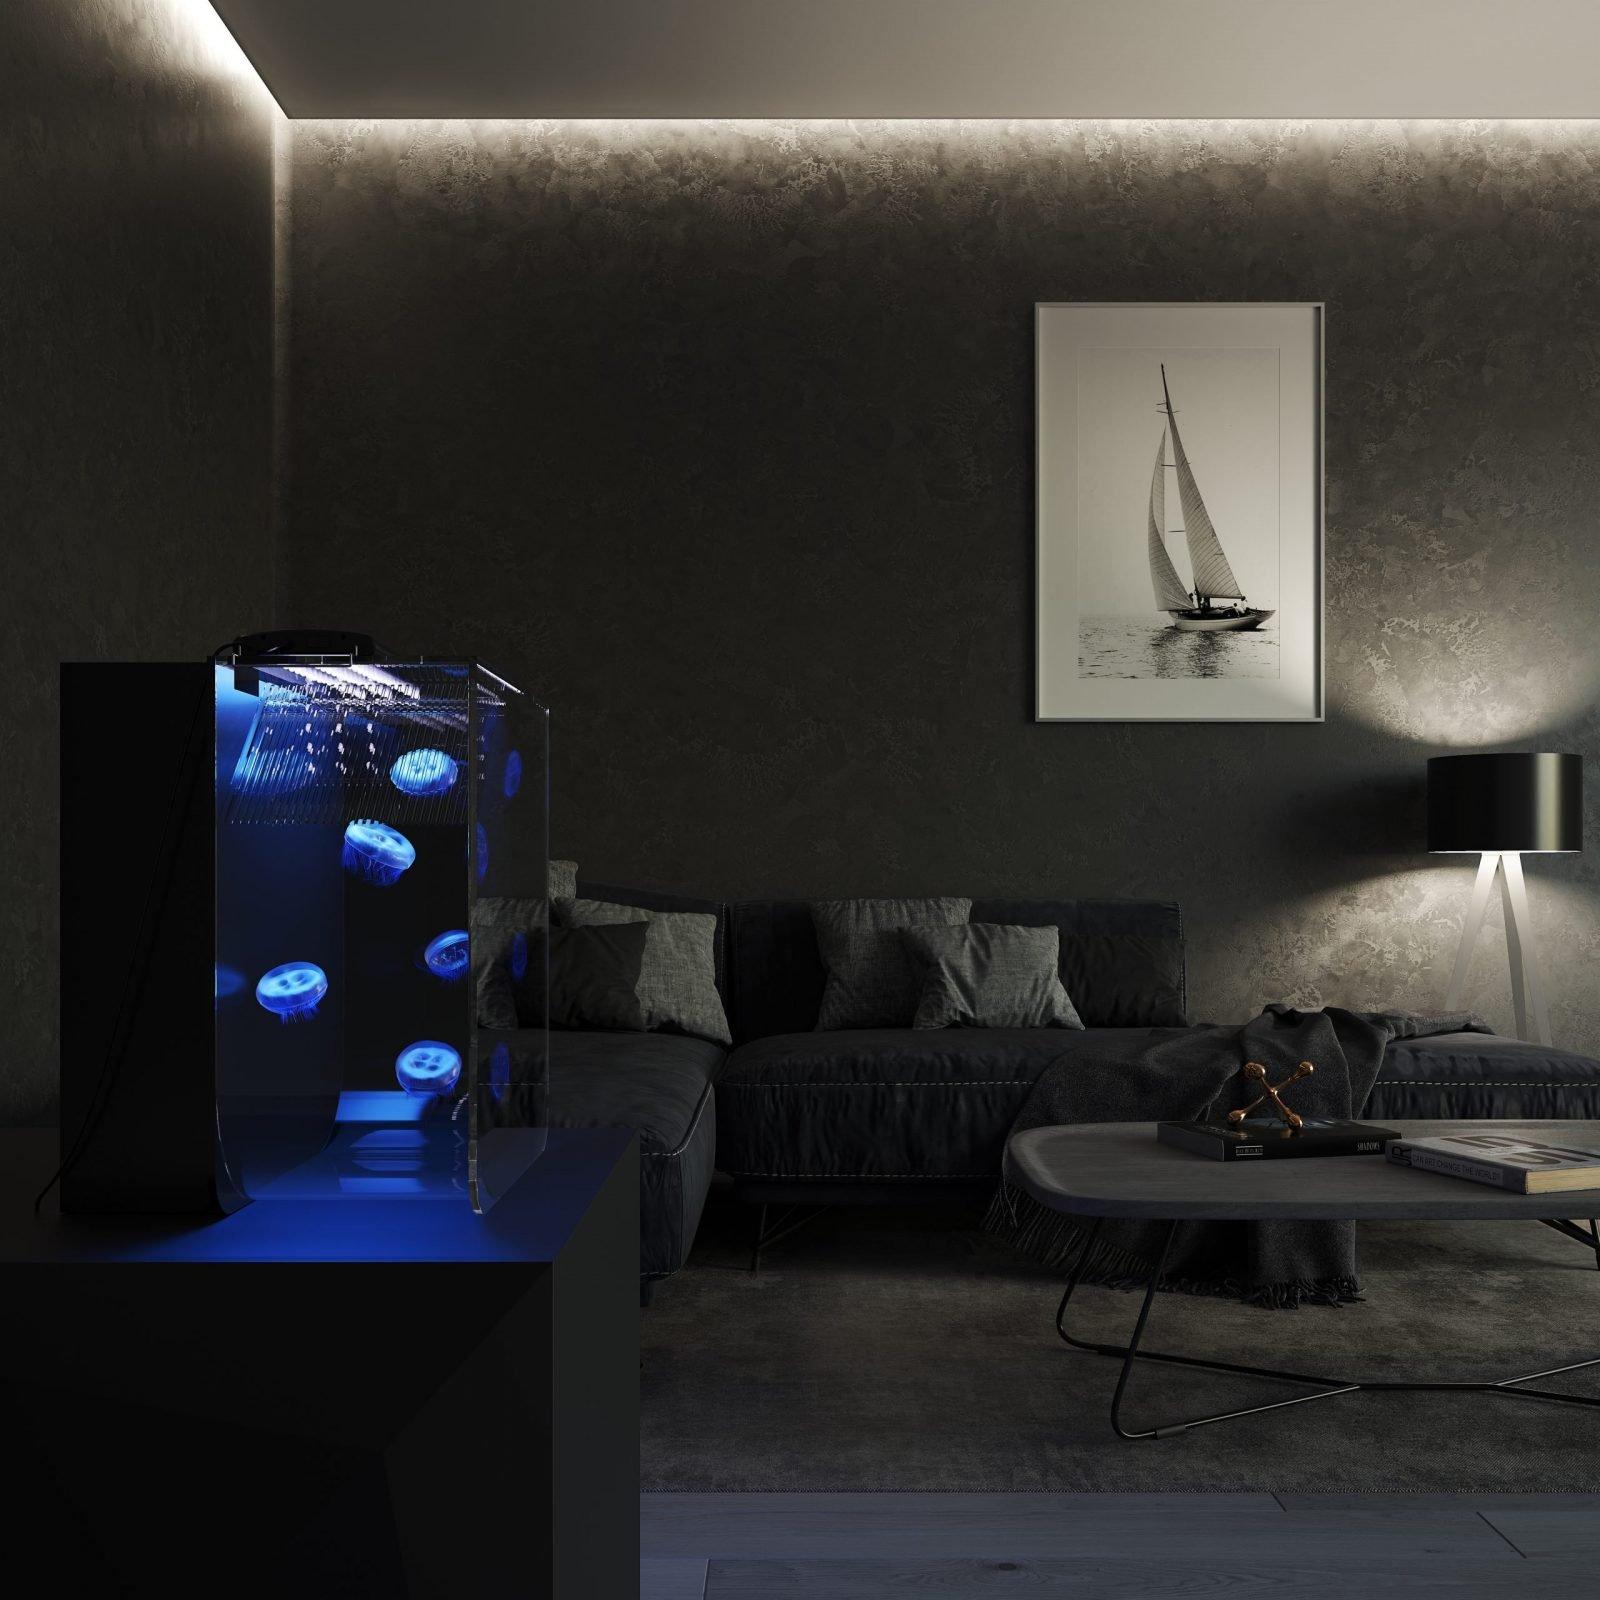 Medusa Mini Jellyfish tank in dark room scene